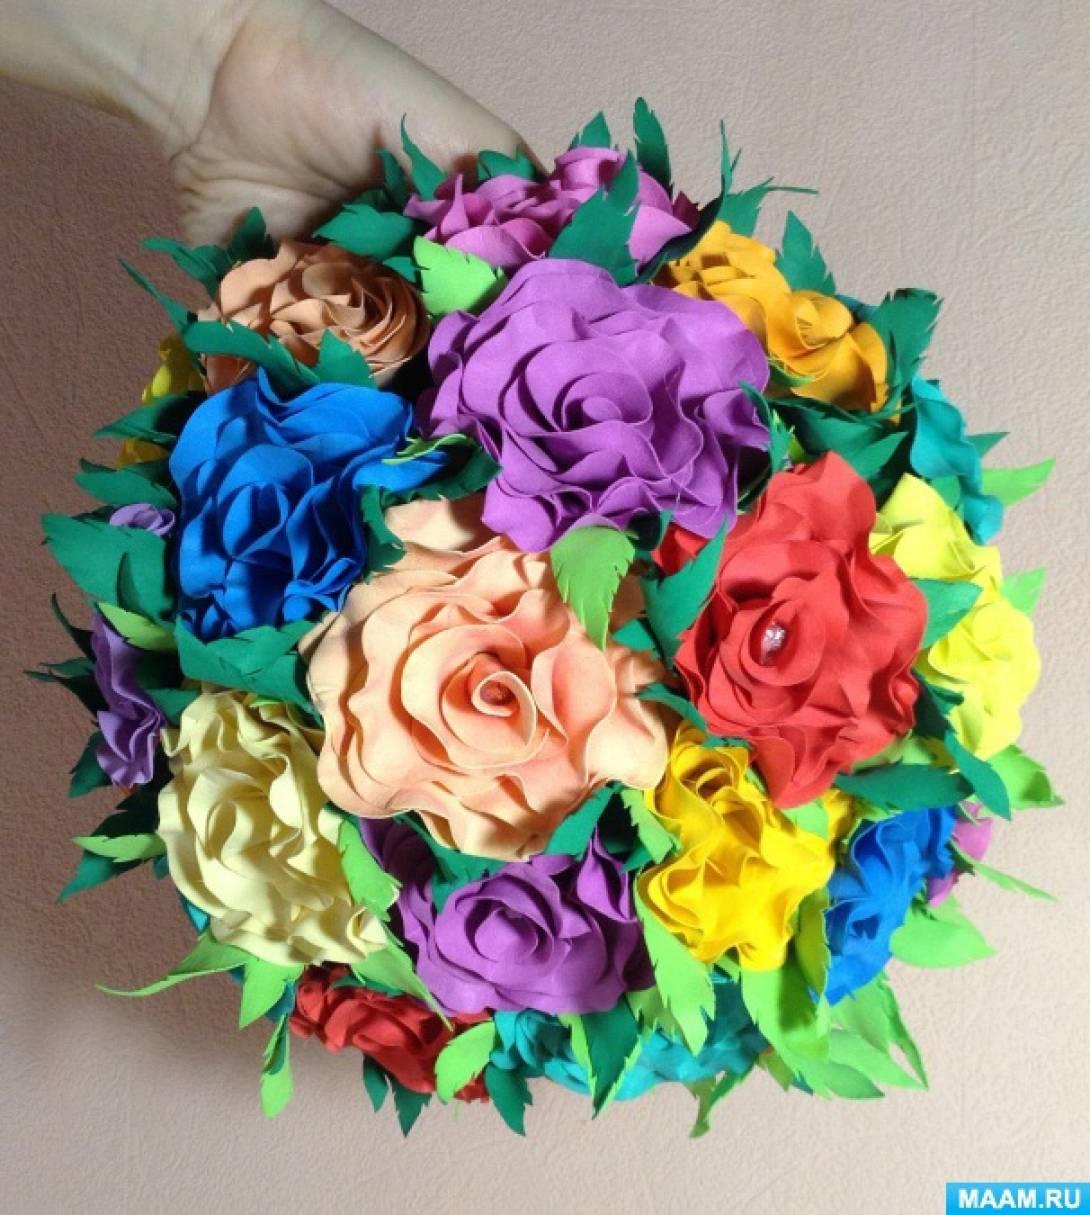 Мастер-класс по изготовлению сюрпризной поделки «Цветочный шар»